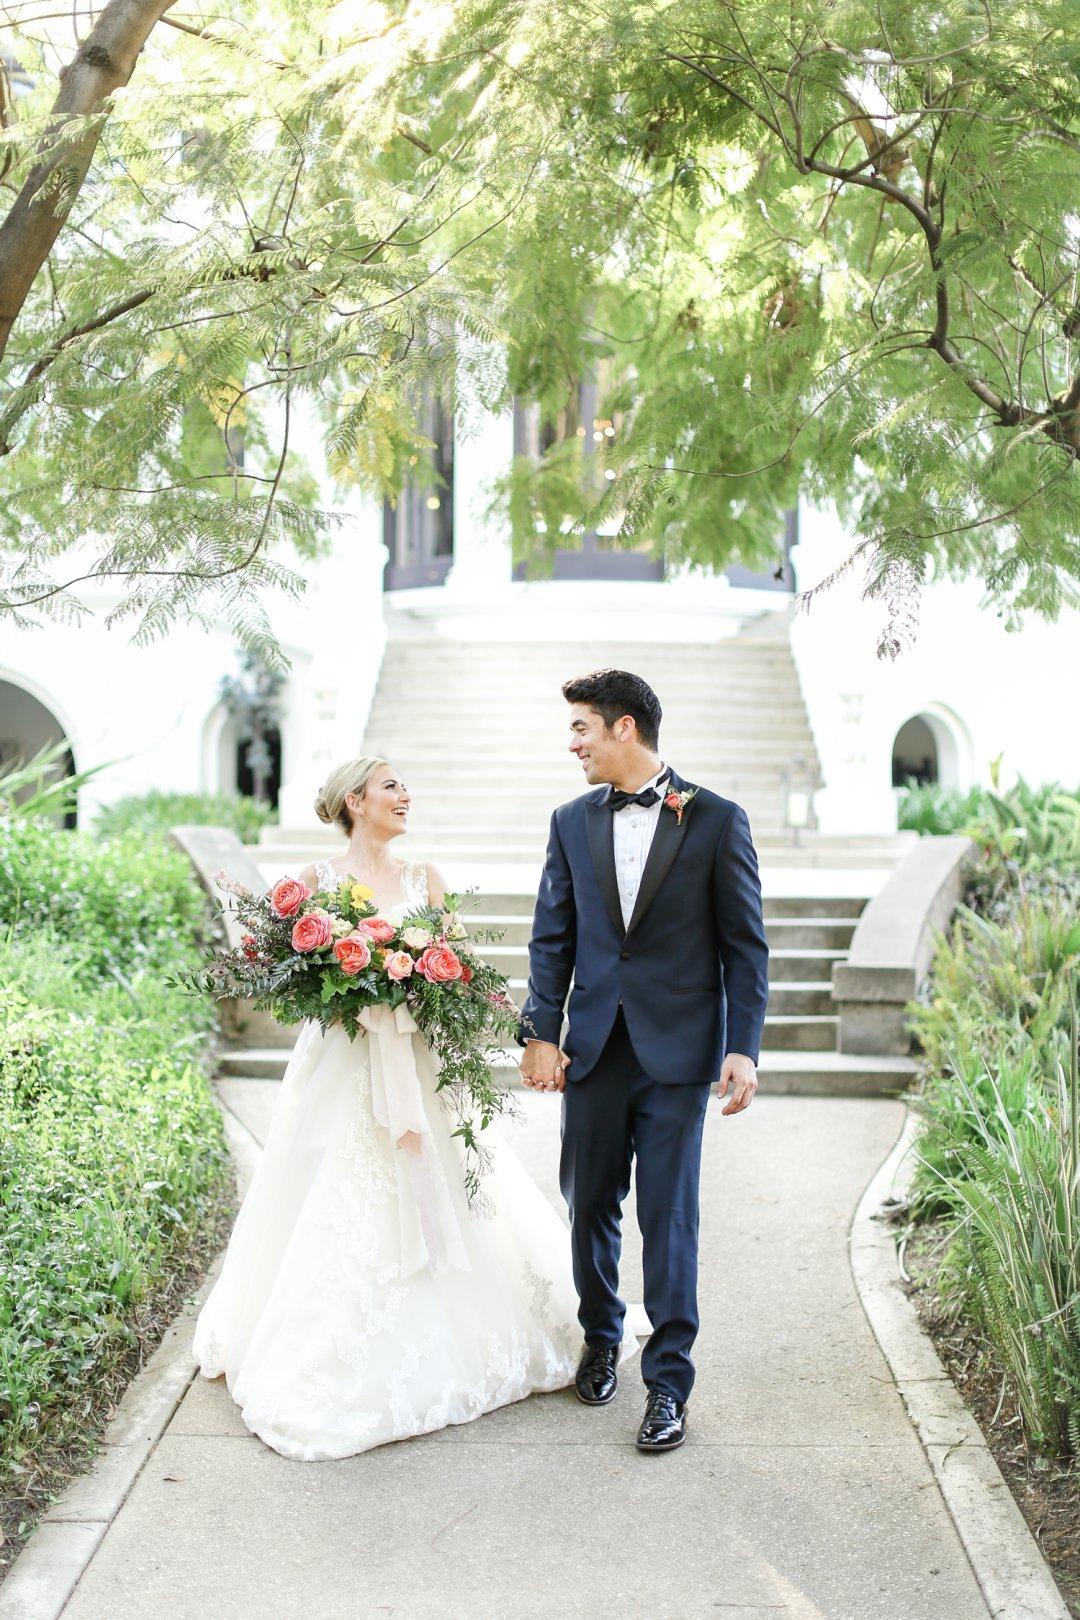 Bride and groom walking hand in hand through garden